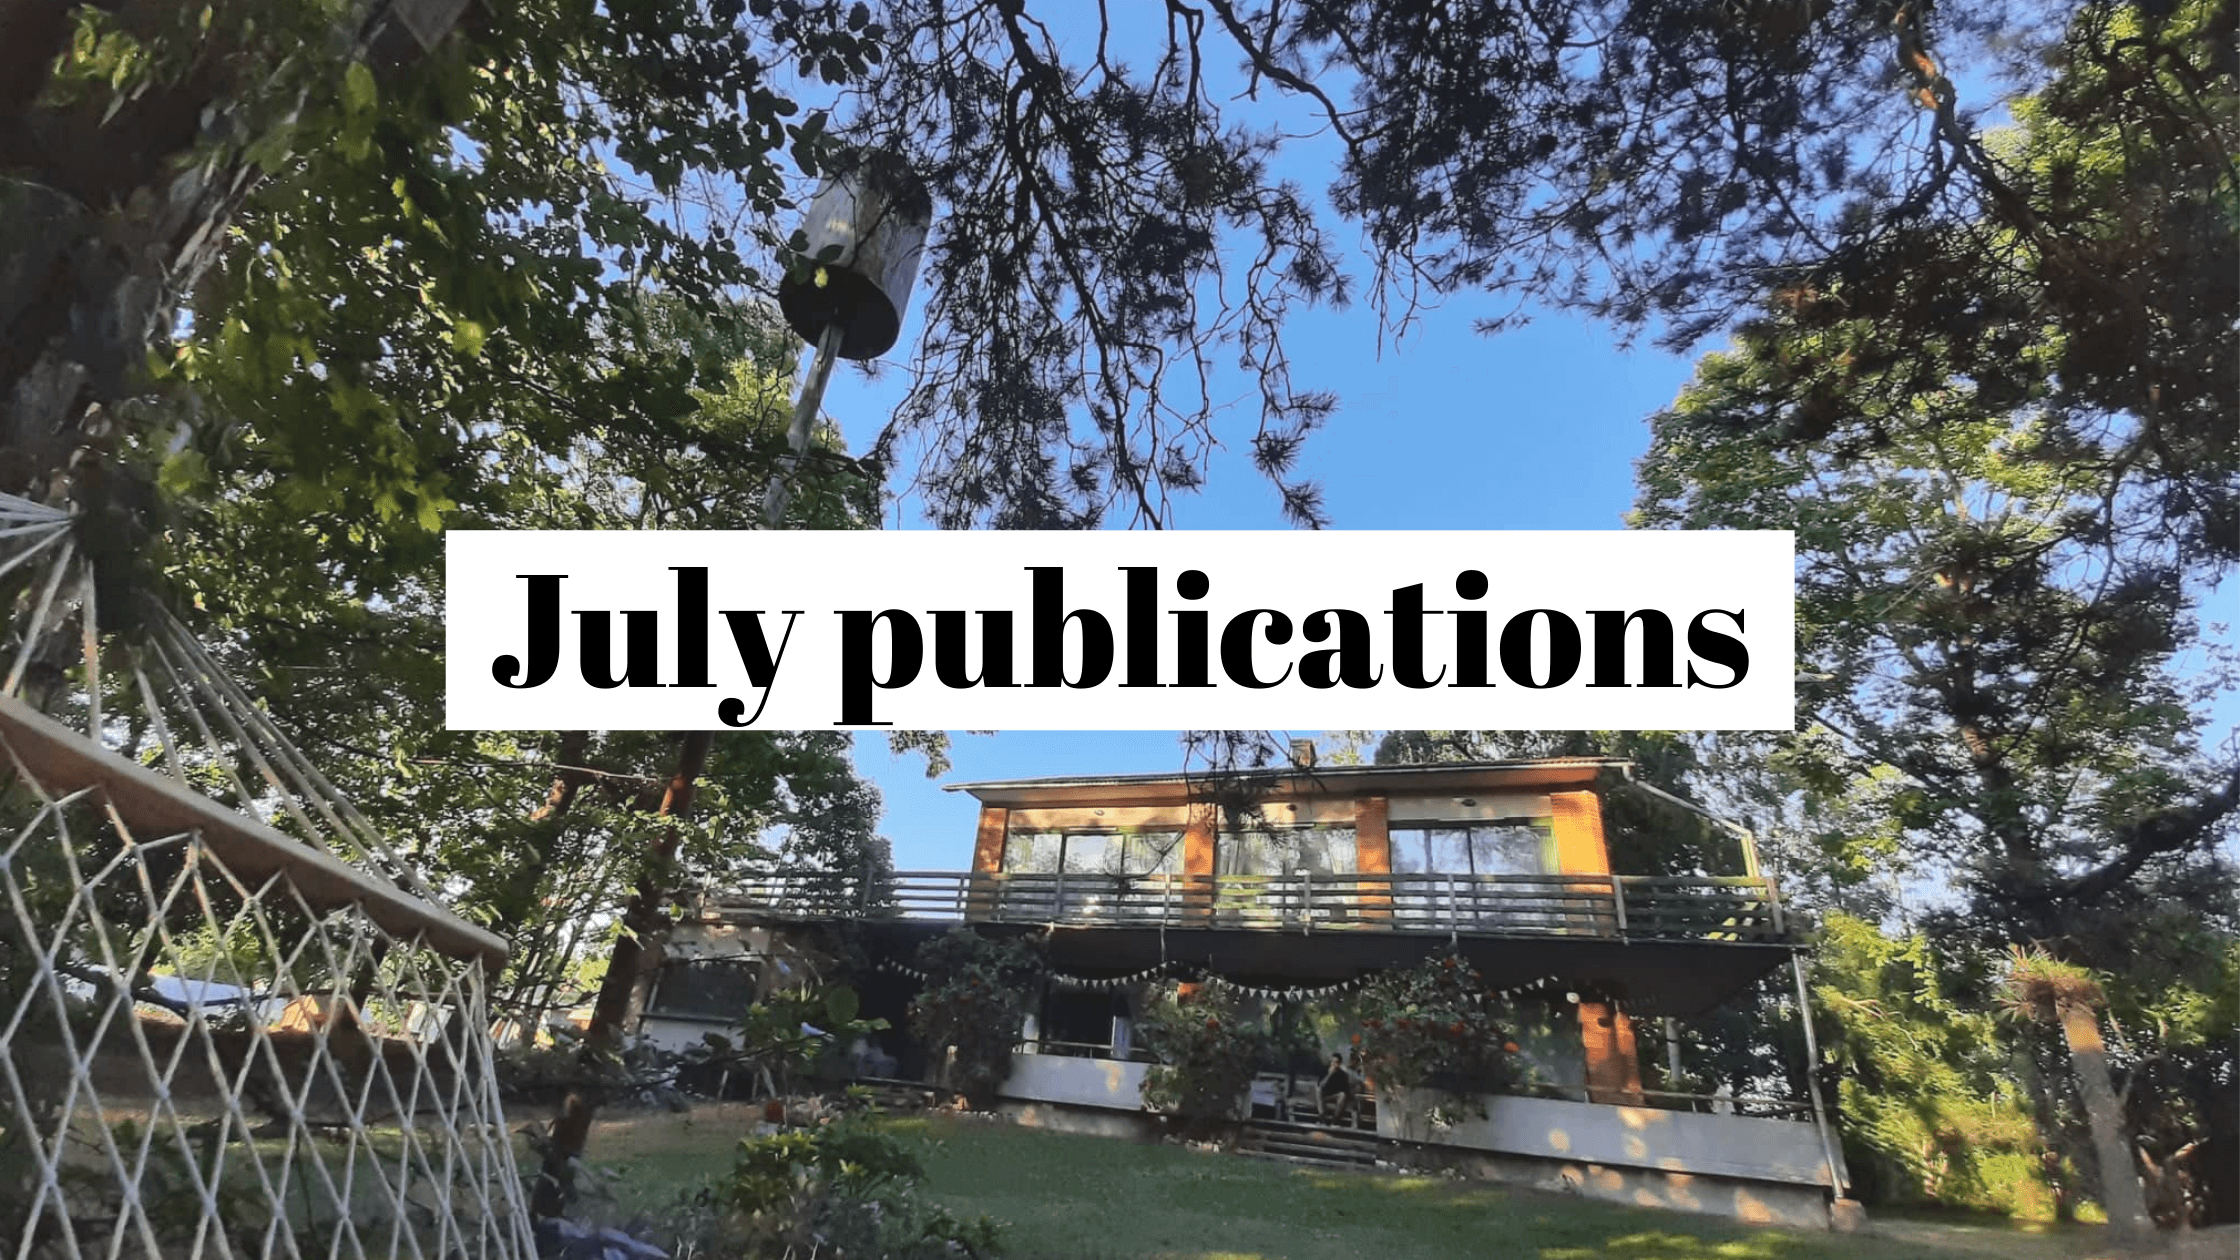 Our July 2021 publicity recap